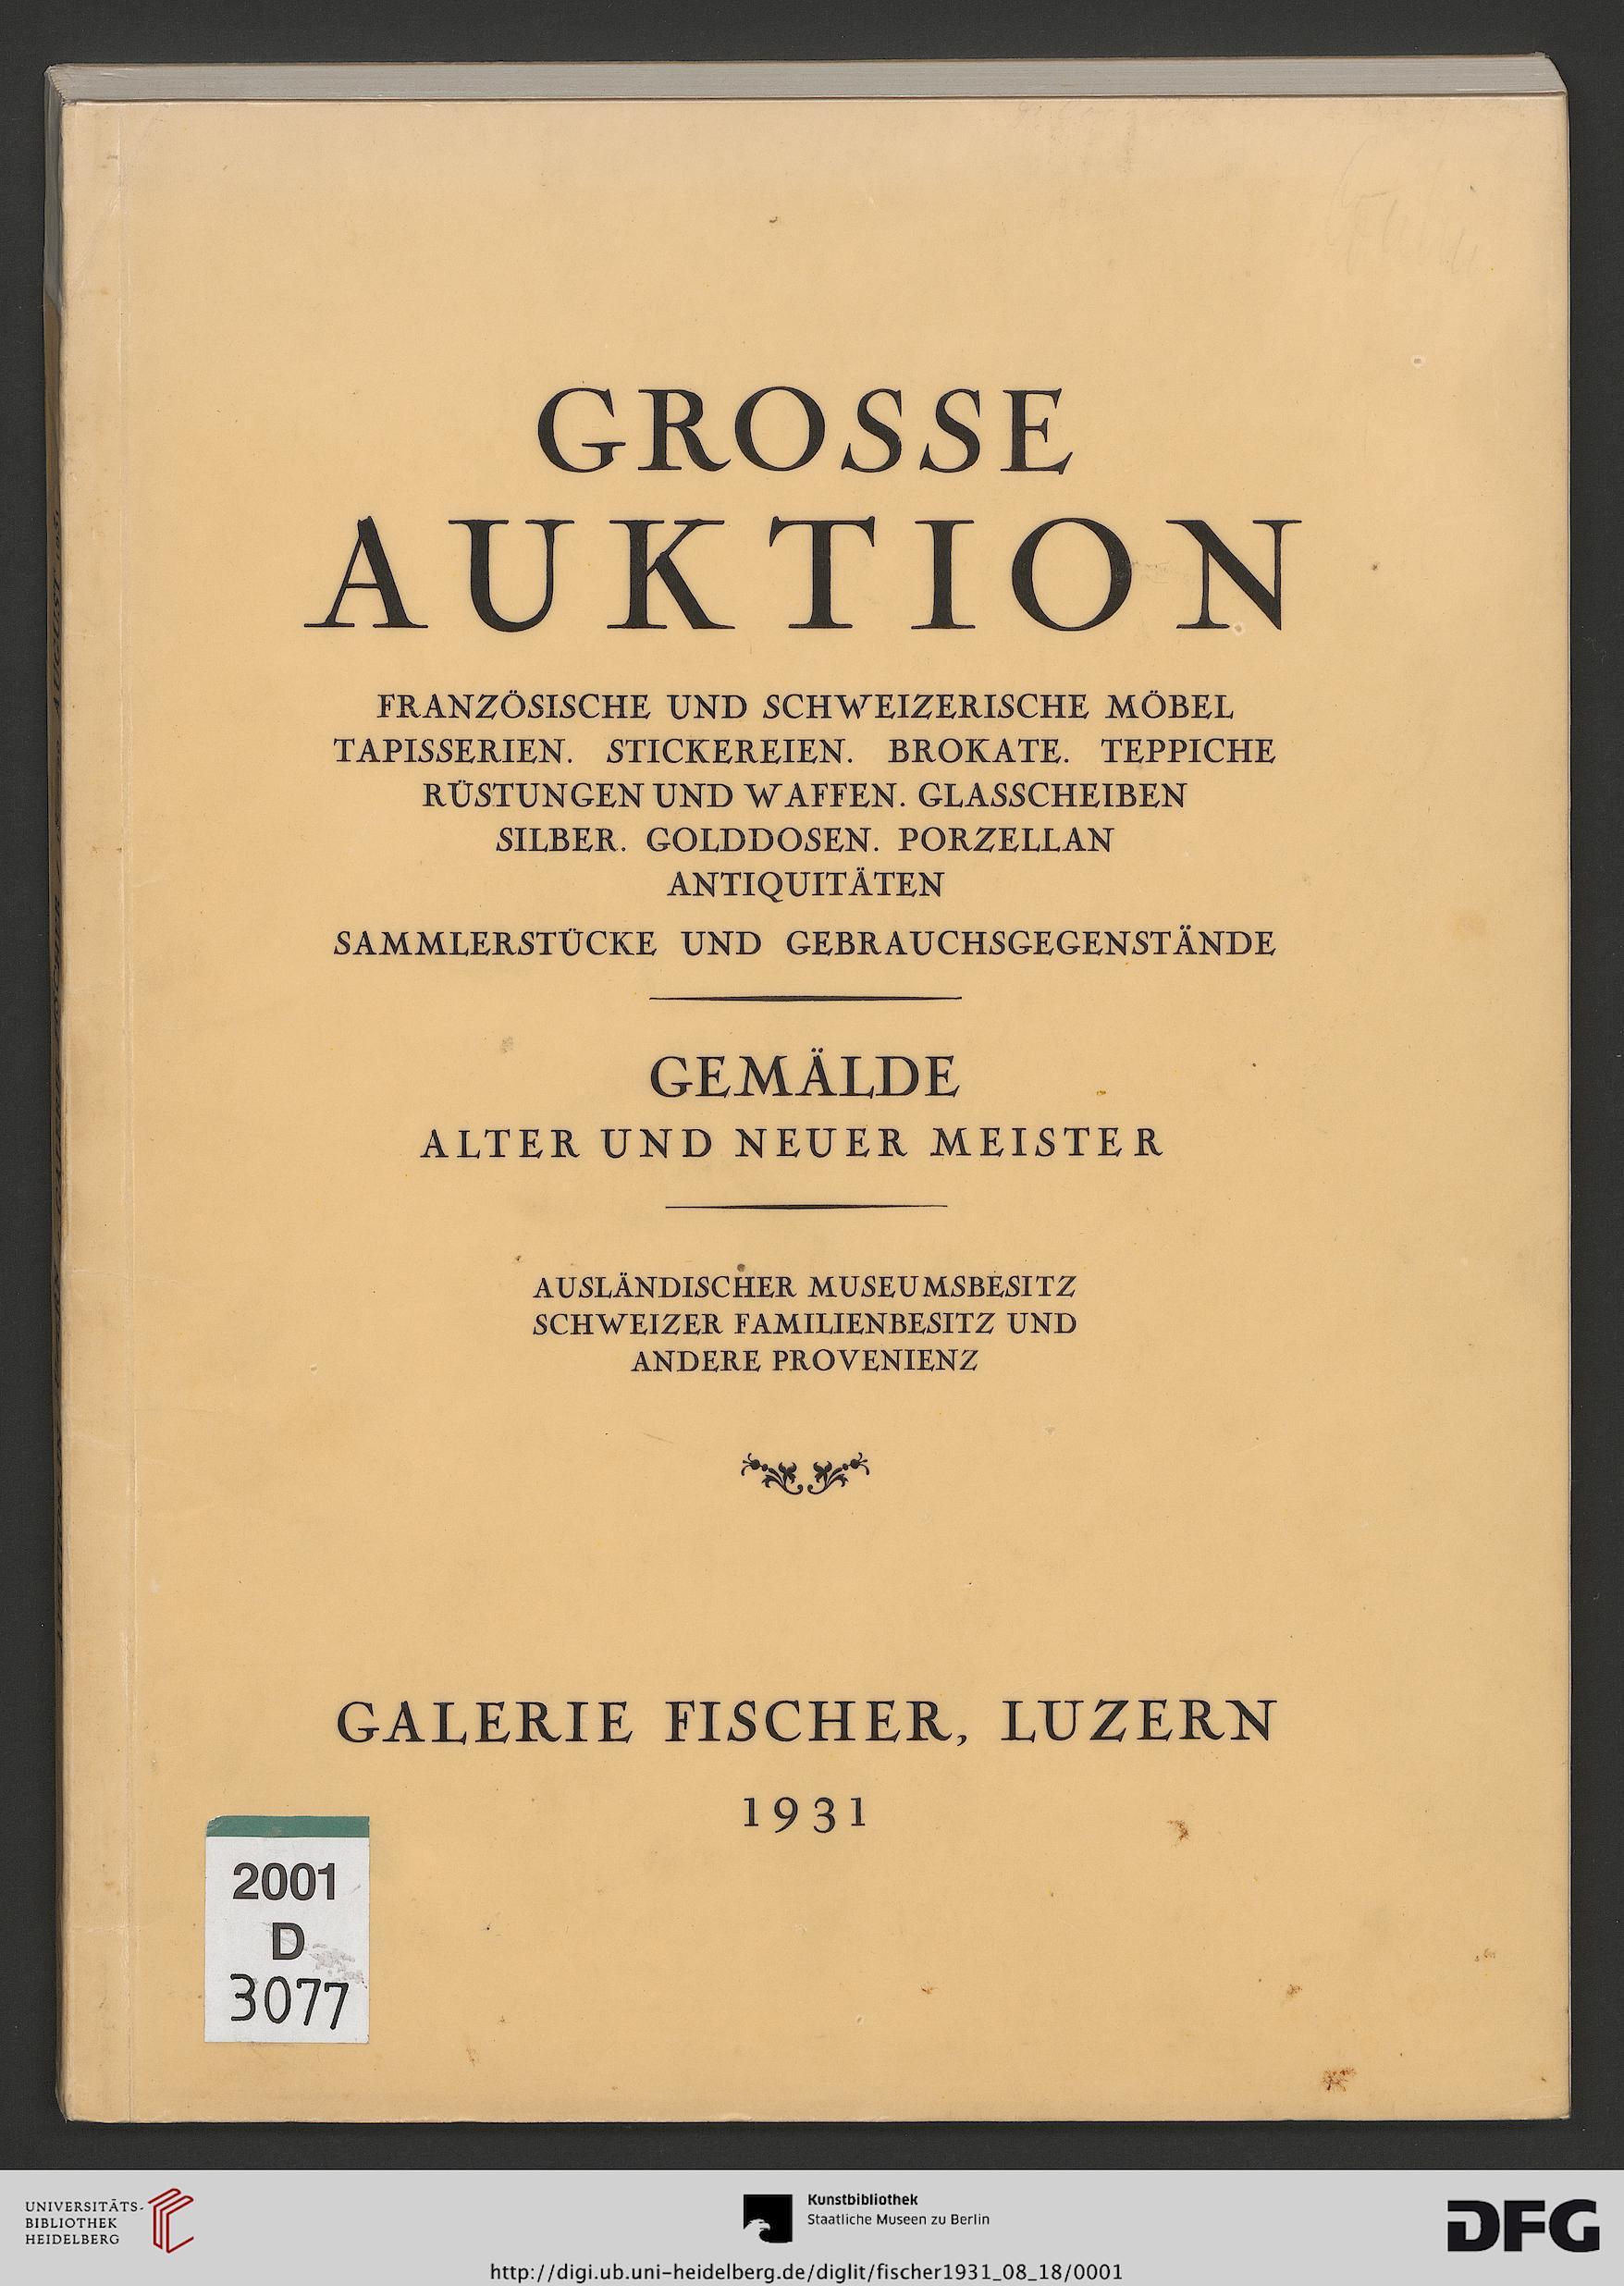 Elegant Galerie Fischer U003cLuzernu003e [Hrsg.]: Französische Und Schweizerische Möbel,  Tapisserien, Stickereien, Brokate, Teppiche, Rüstungen Und Waffen,  Glasscheiben, ...